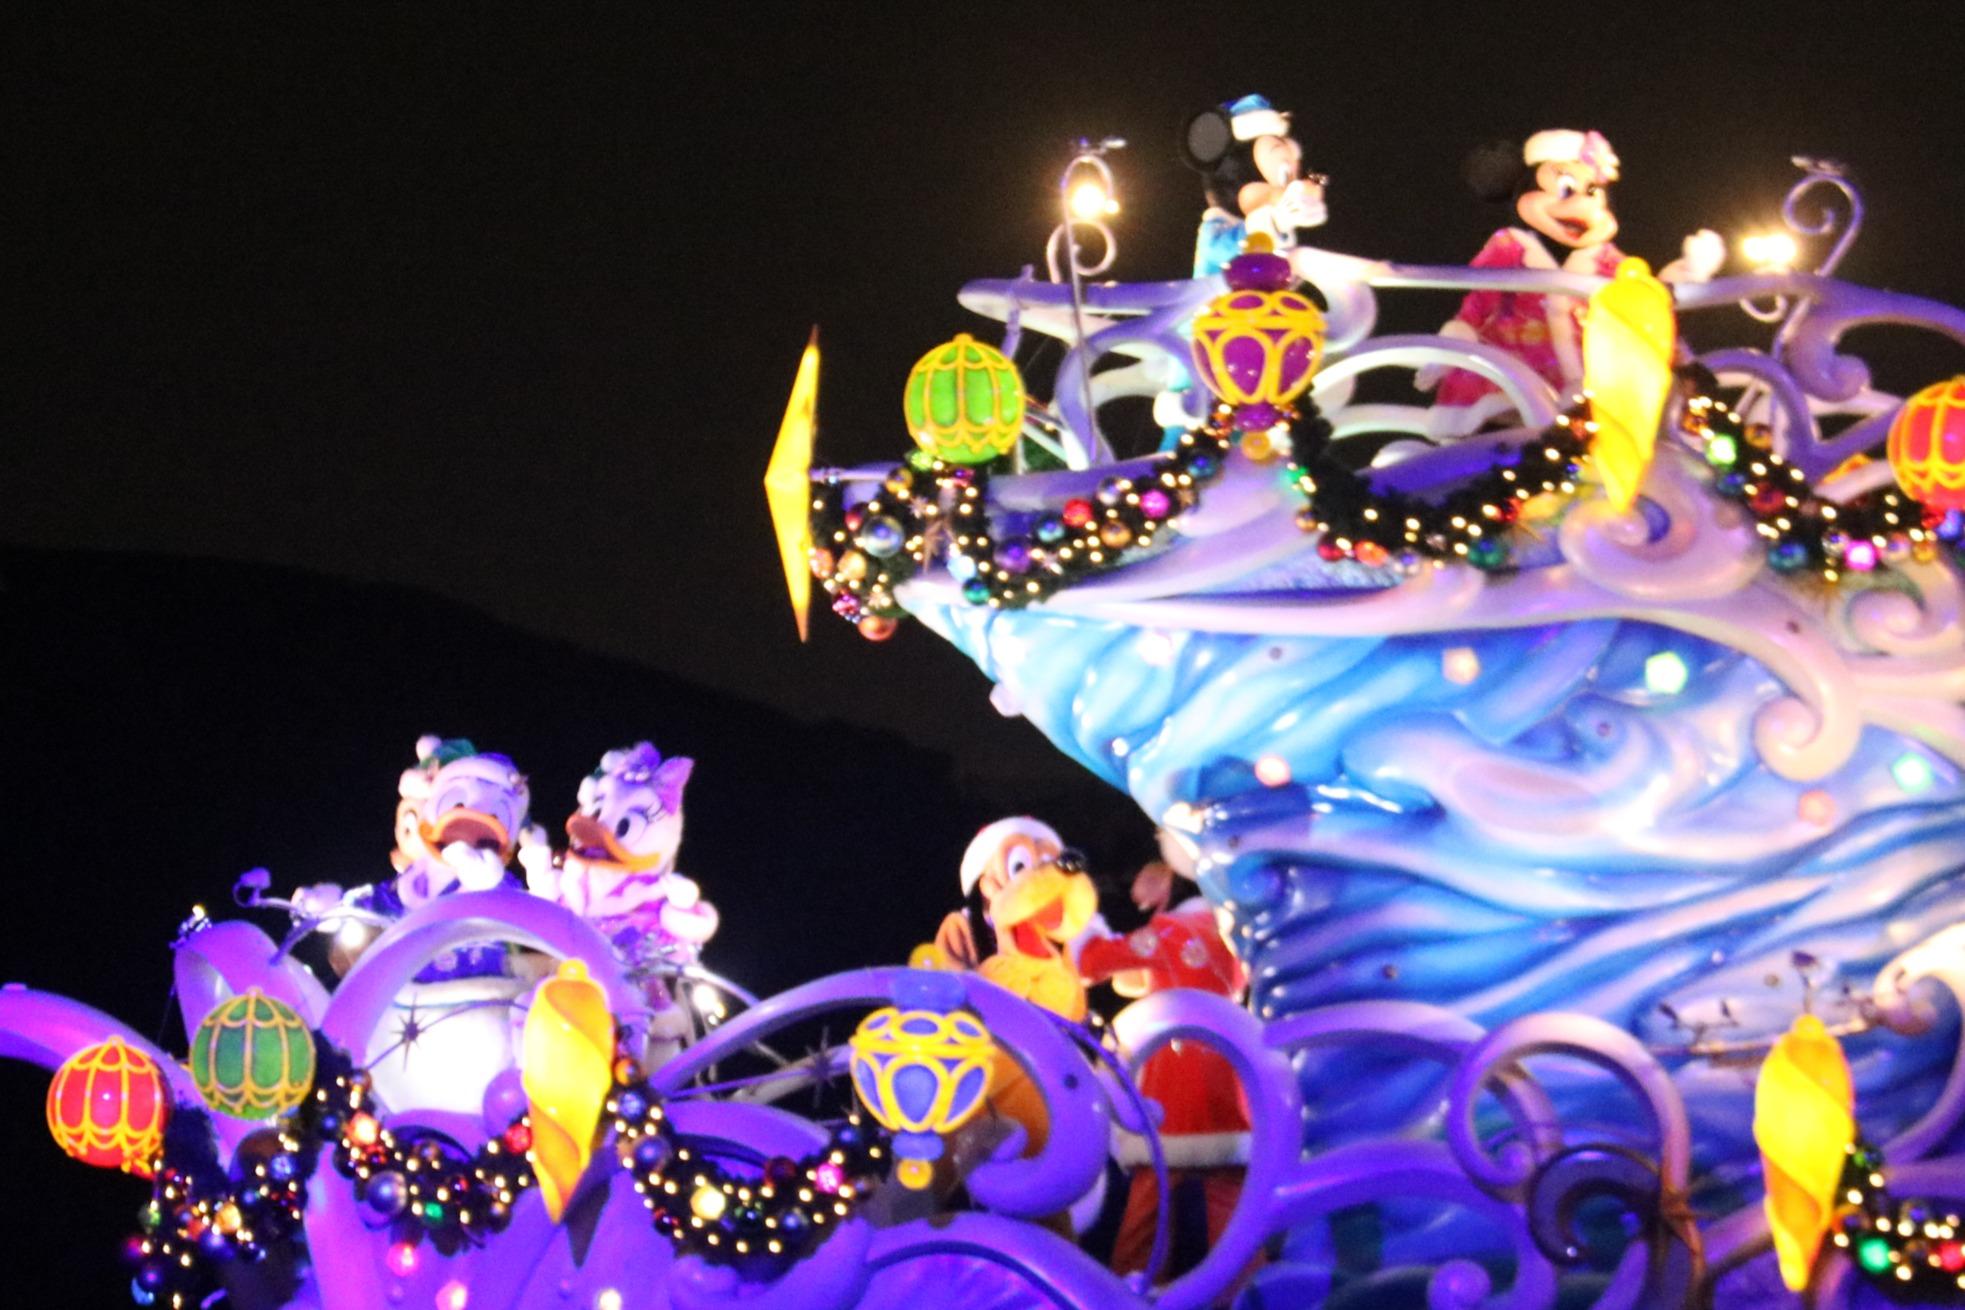 Mickey, Minnie, Pluto, and Daisy